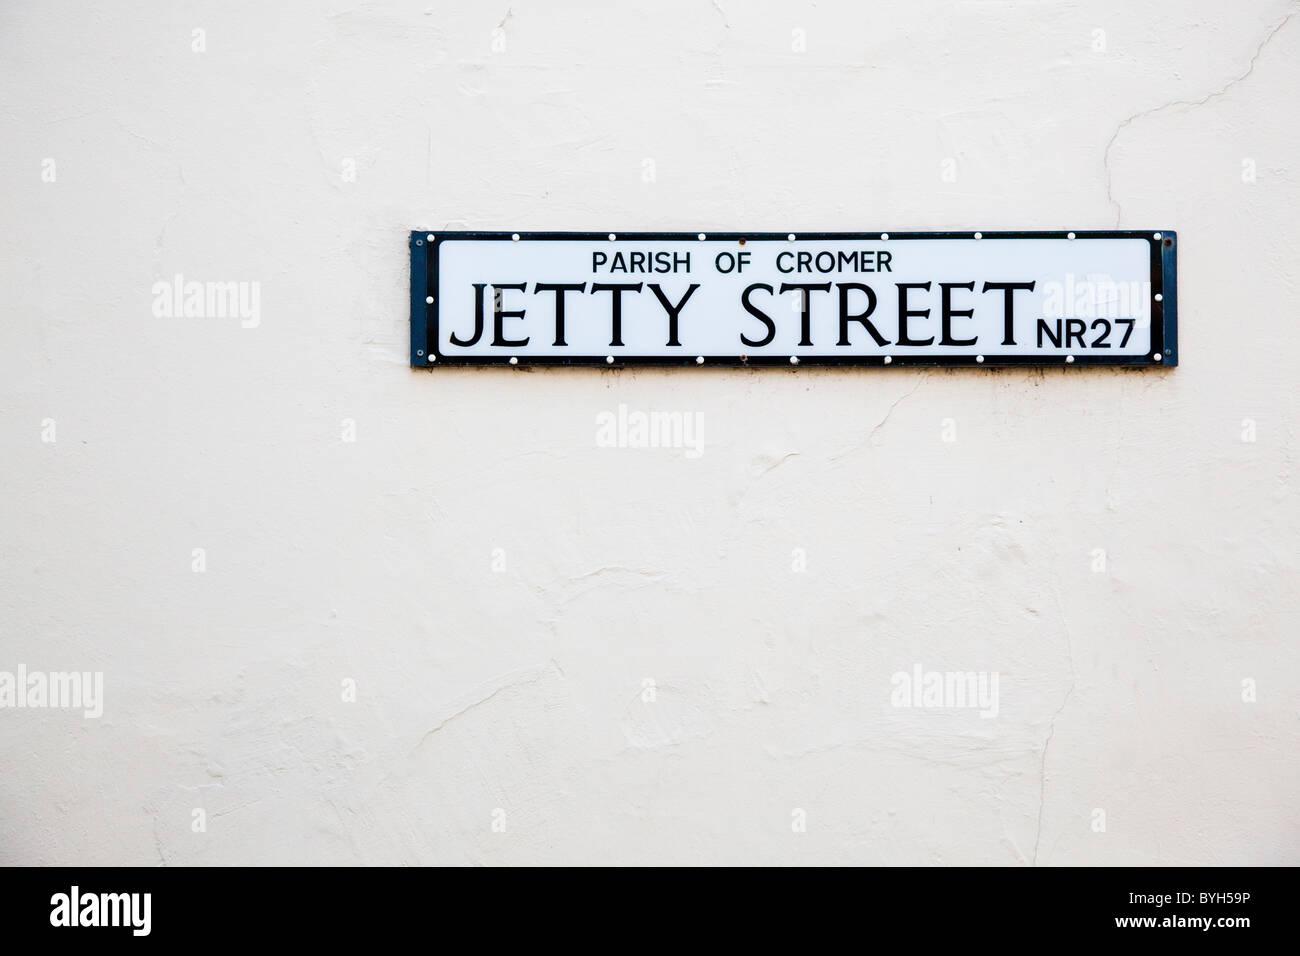 Cartel con el nombre de la calle, Jetty Street, Cromer, Norfolk, UK Foto de stock